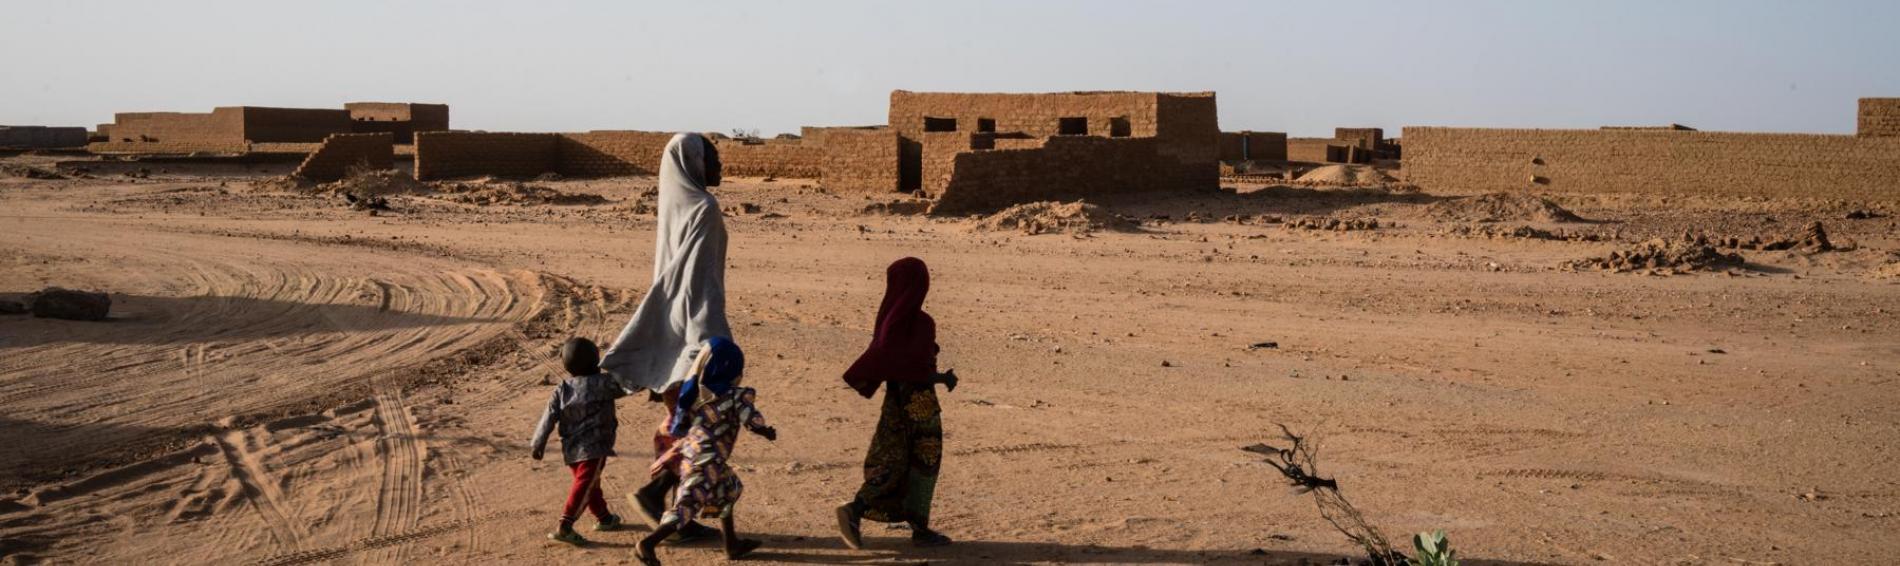 Die Menschen riskieren bei der Flucht durch die Sahara oftmals ihr Leben. Foto: Kristof Vadino